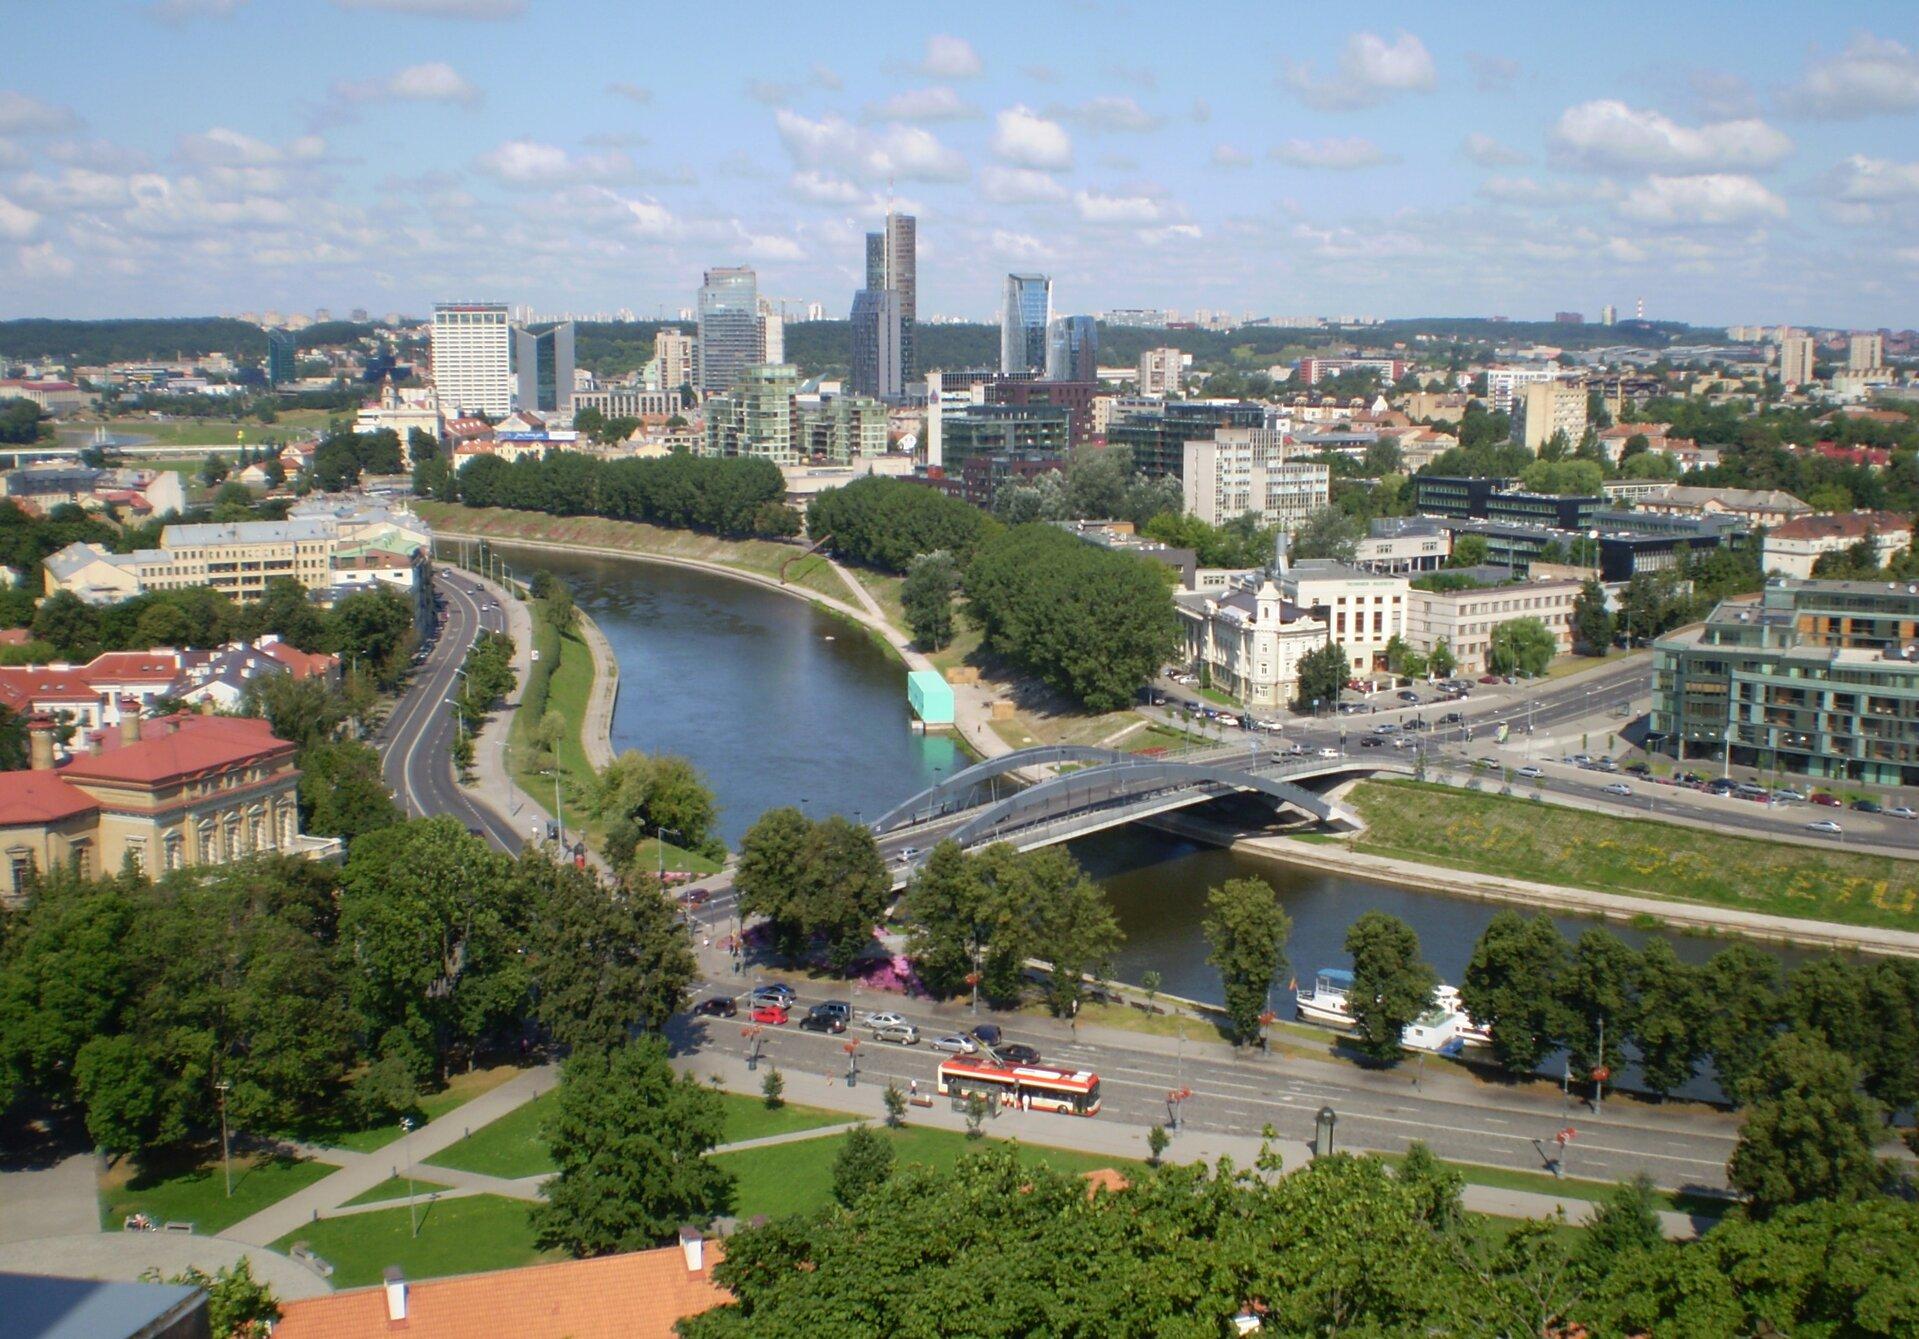 Na zdjęciu nowoczesna zabudowa miejska, wysokie budynki, rzeka, most, ulice.